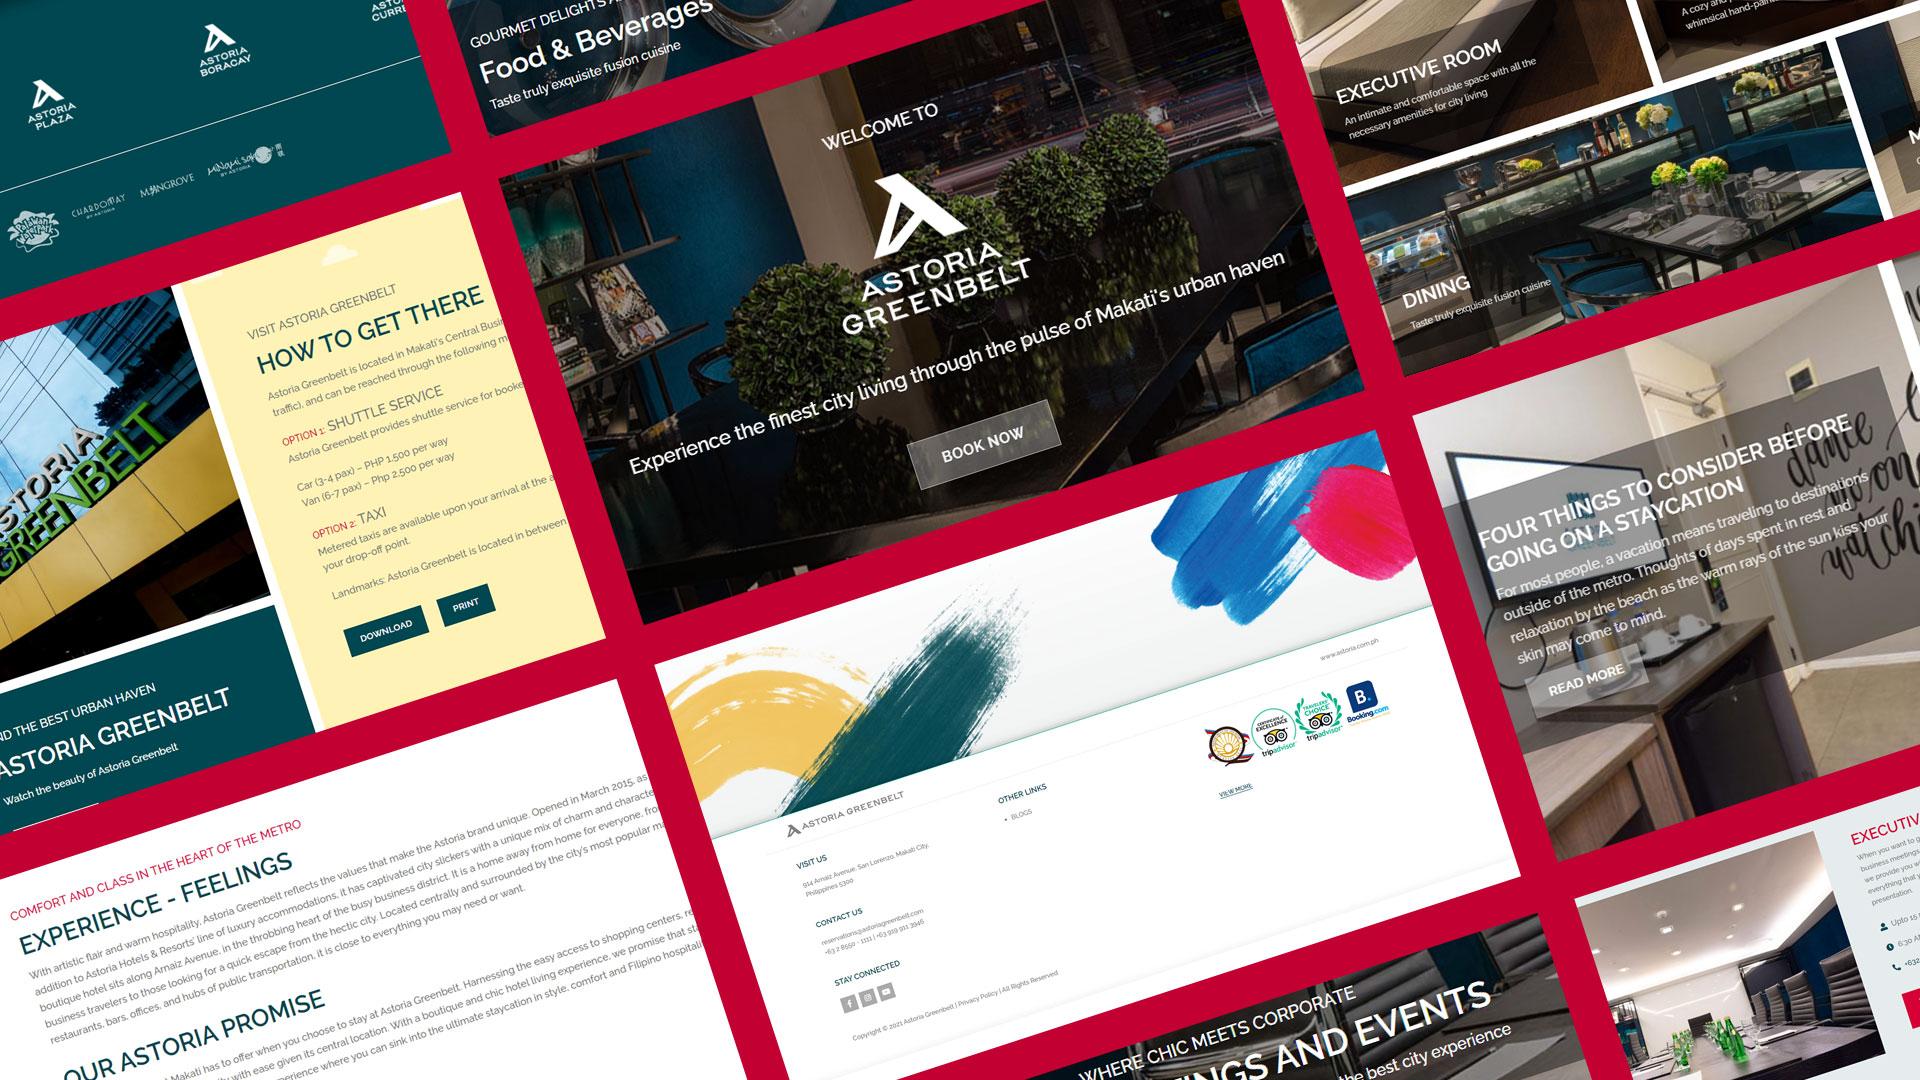 Astoria Greenbelt Screenshots